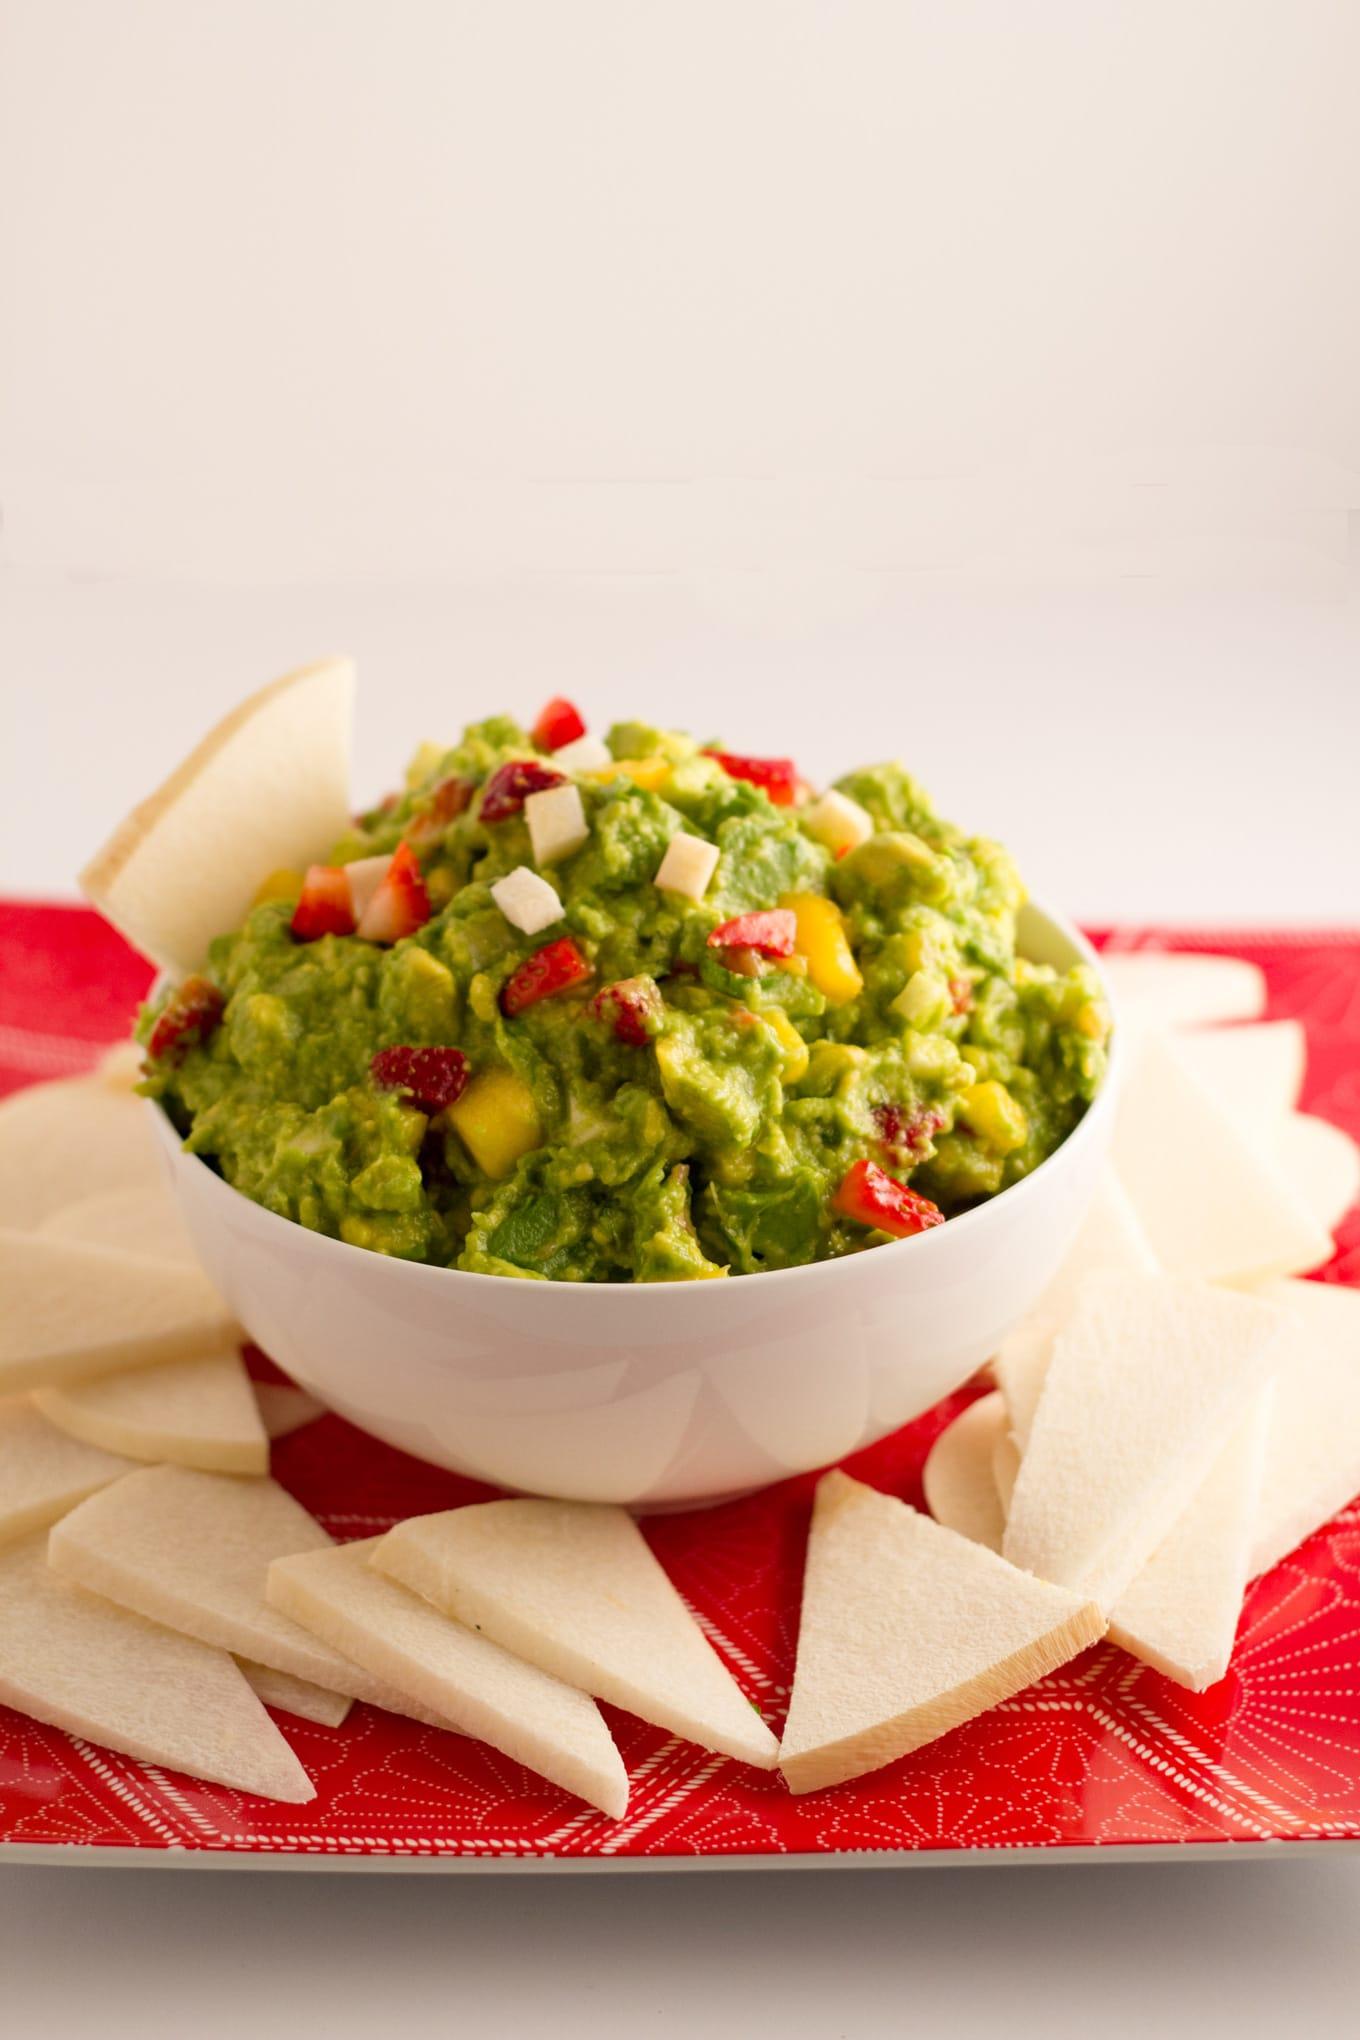 dessert-guacamole-avocado-diva-giveaway-6